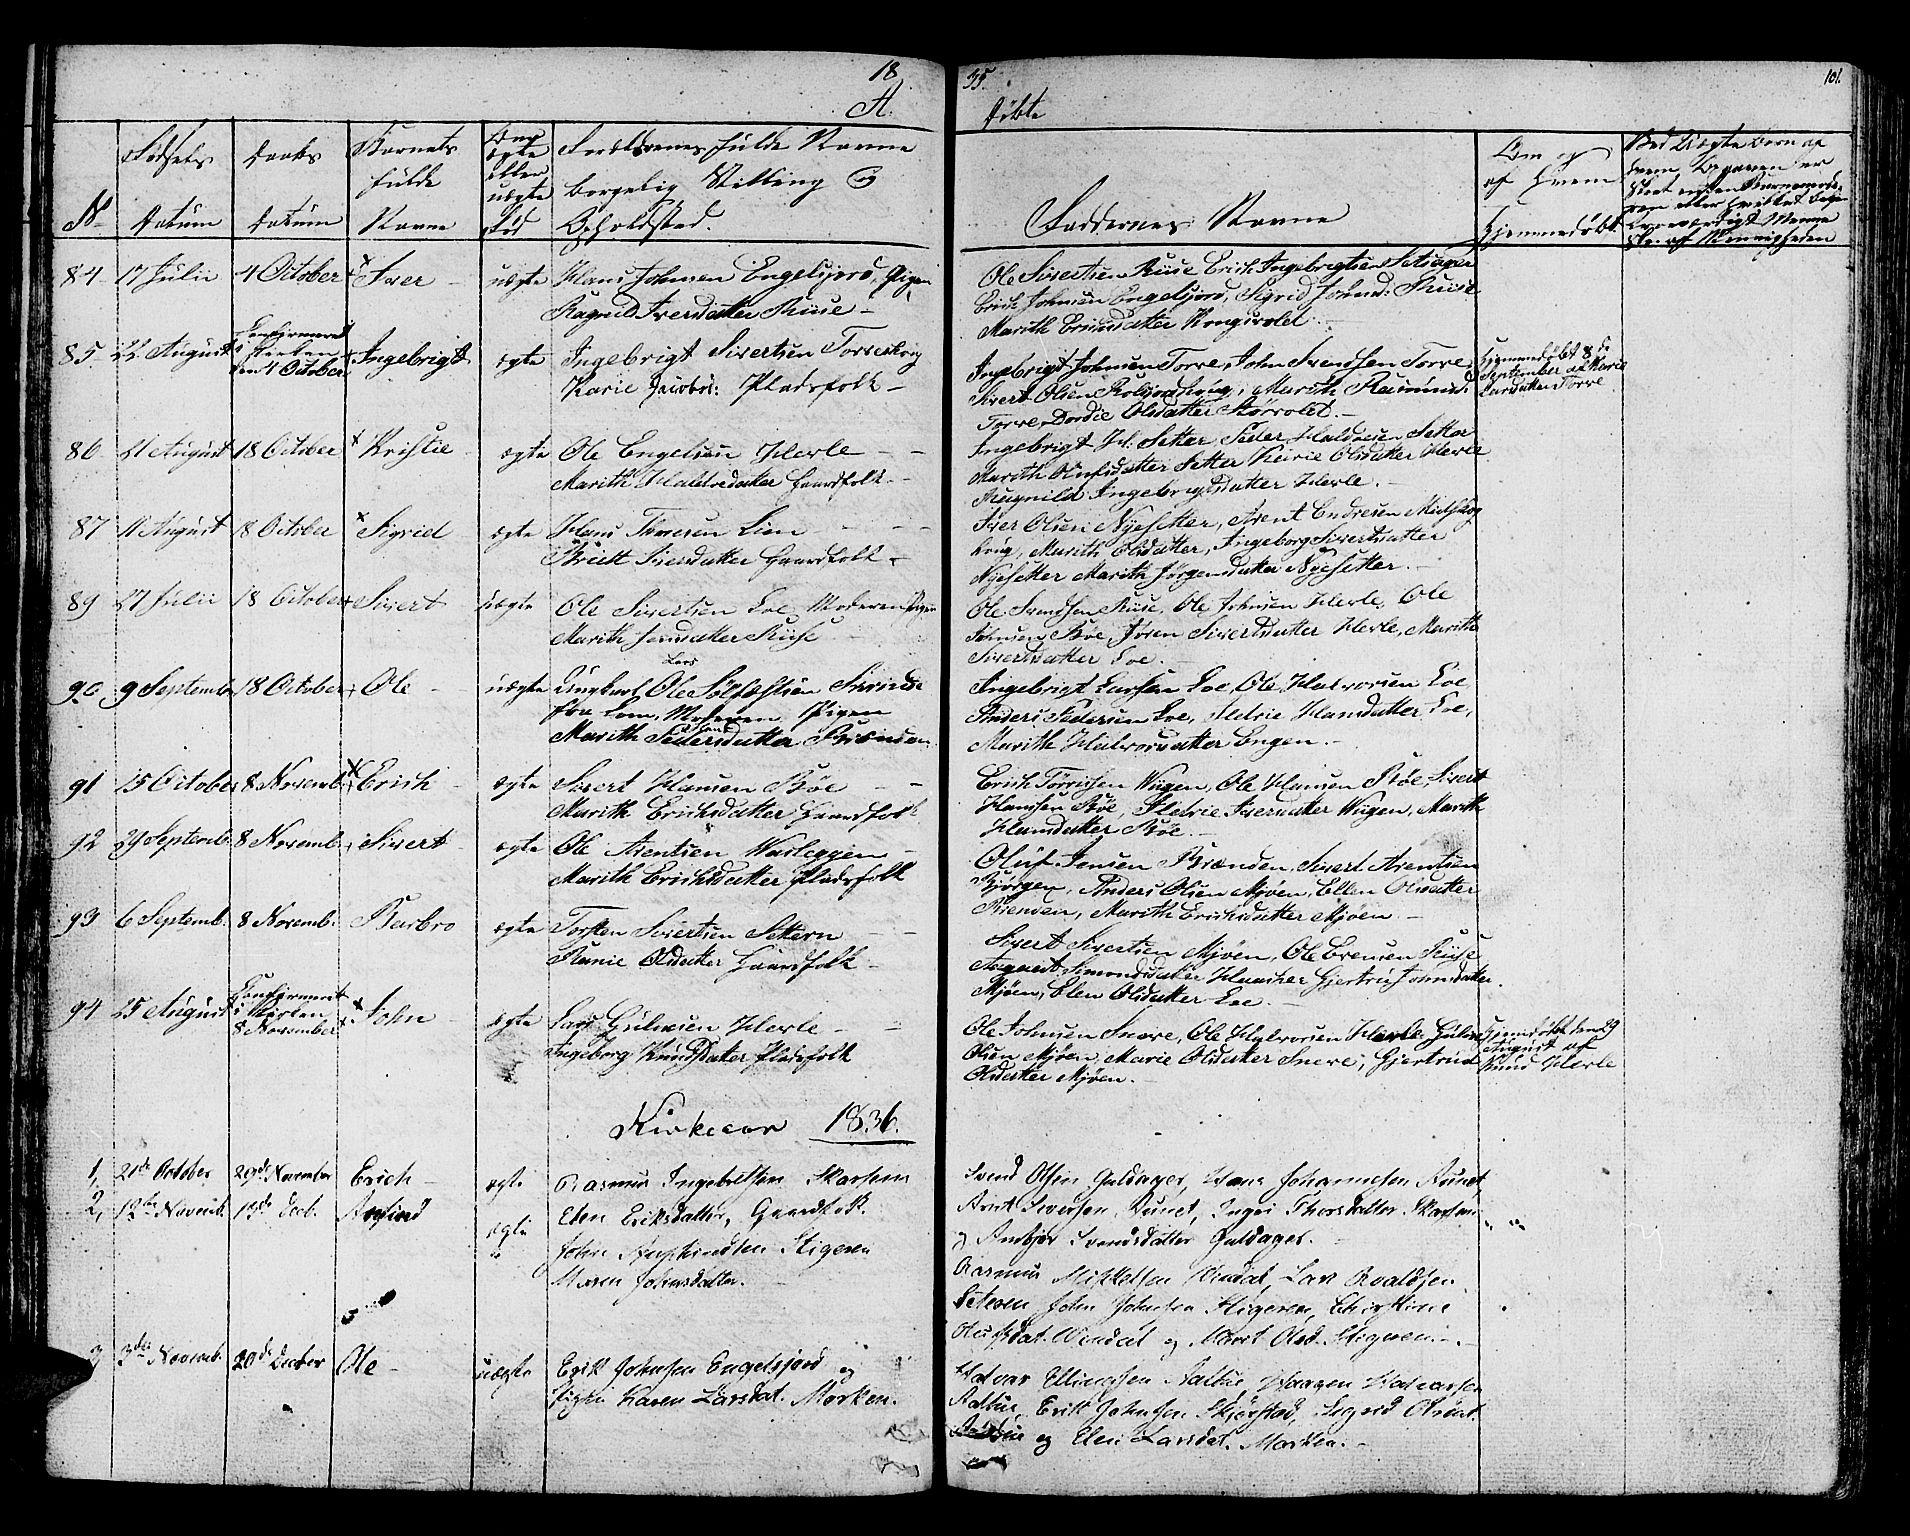 SAT, Ministerialprotokoller, klokkerbøker og fødselsregistre - Sør-Trøndelag, 678/L0897: Ministerialbok nr. 678A06-07, 1821-1847, s. 101